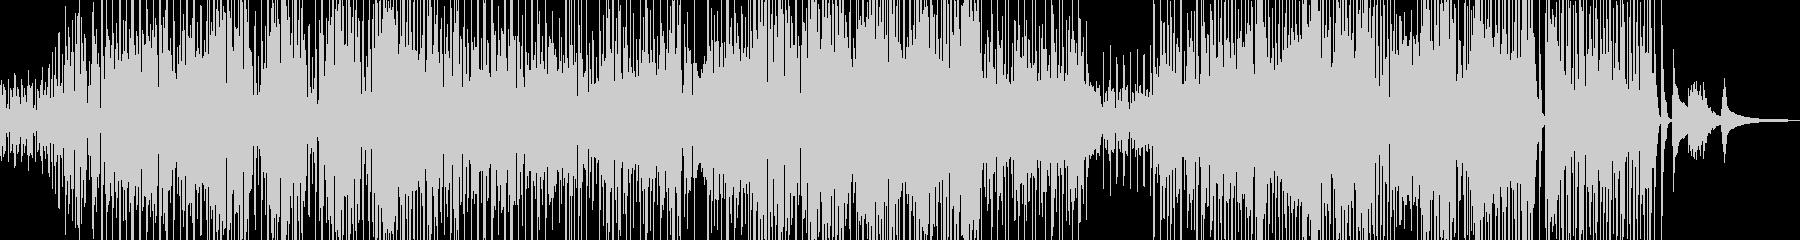 コミカルでユーモラスなジャズ+サックスの未再生の波形